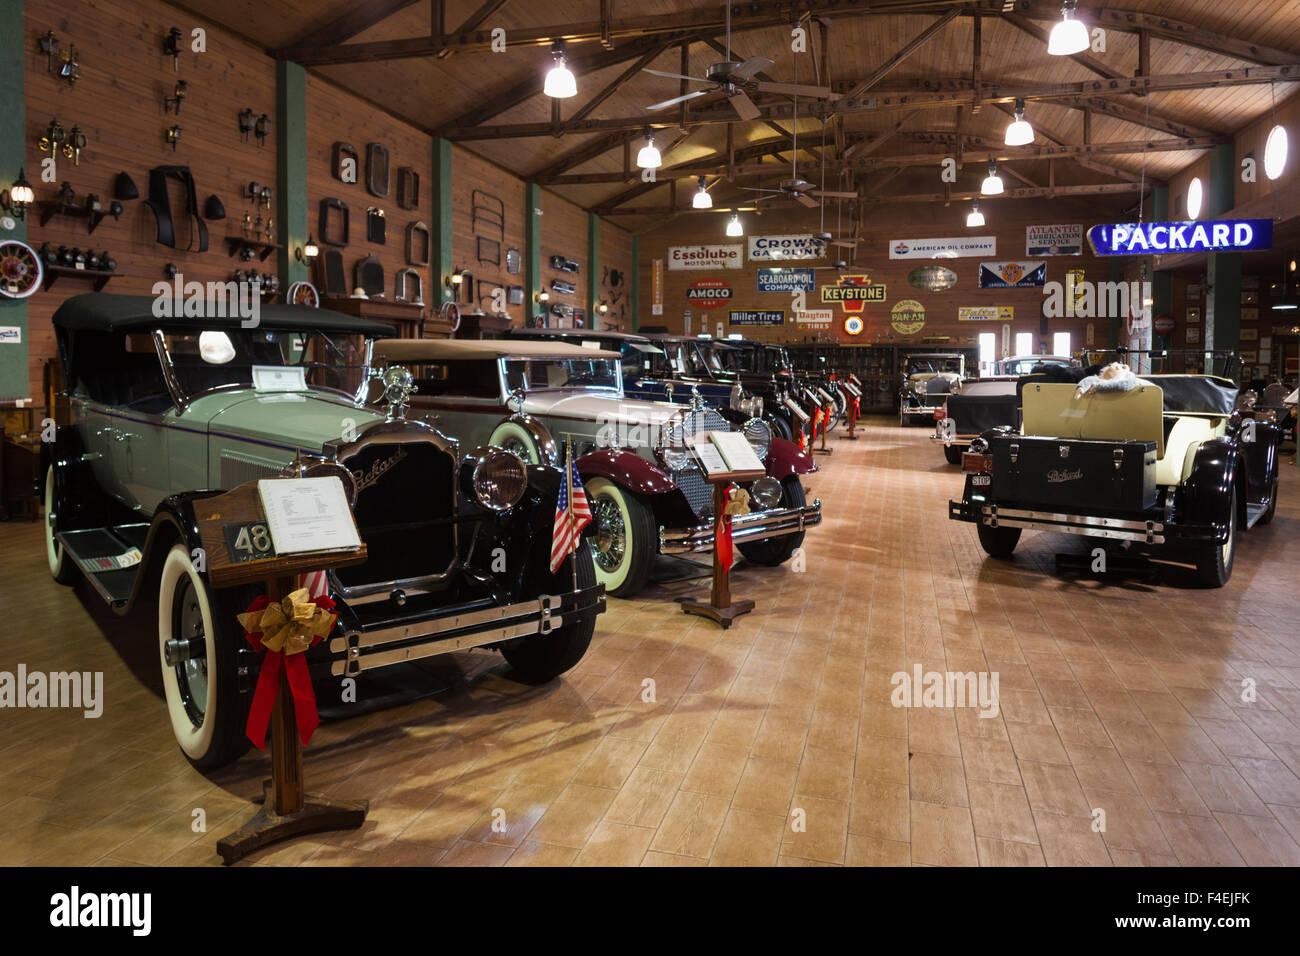 USA, Florida, Fort Lauderdale, Antique Car Museum